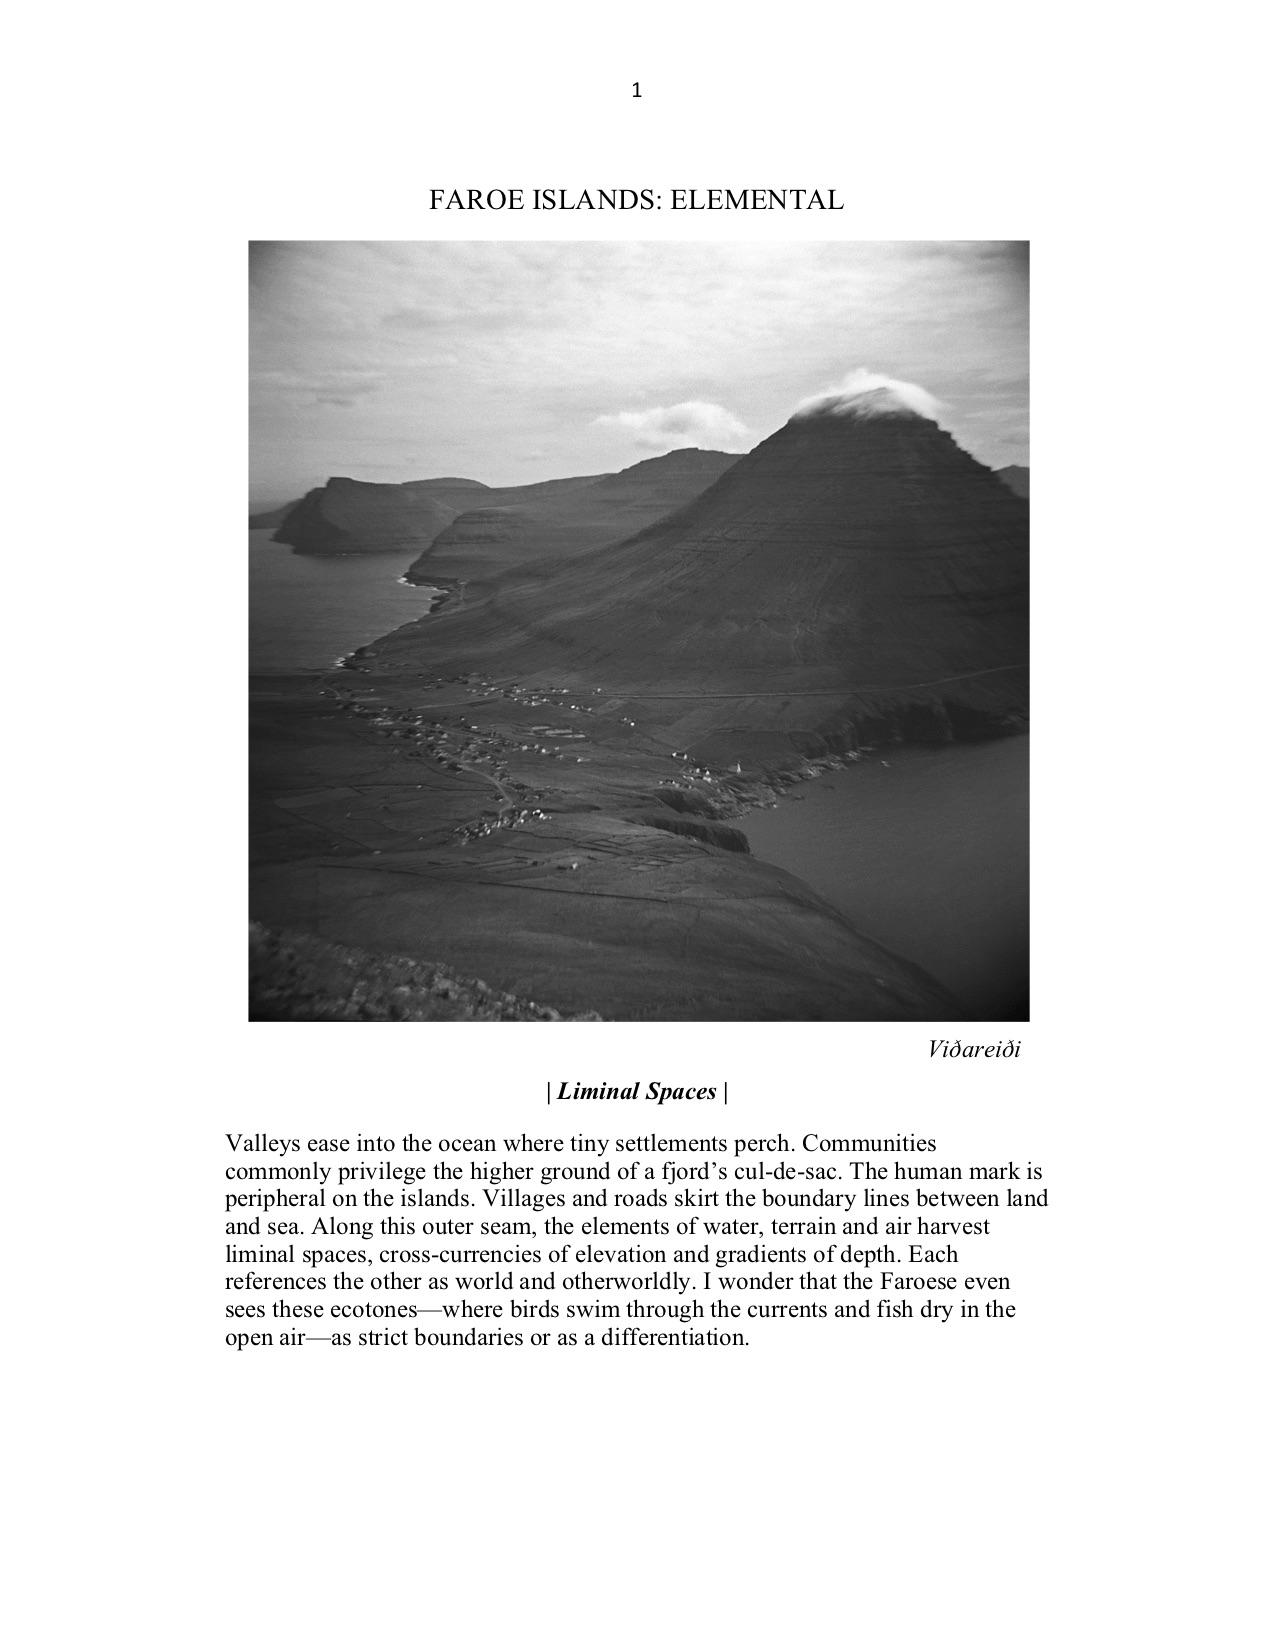 Faroe_Island_Elemental (1).jpg